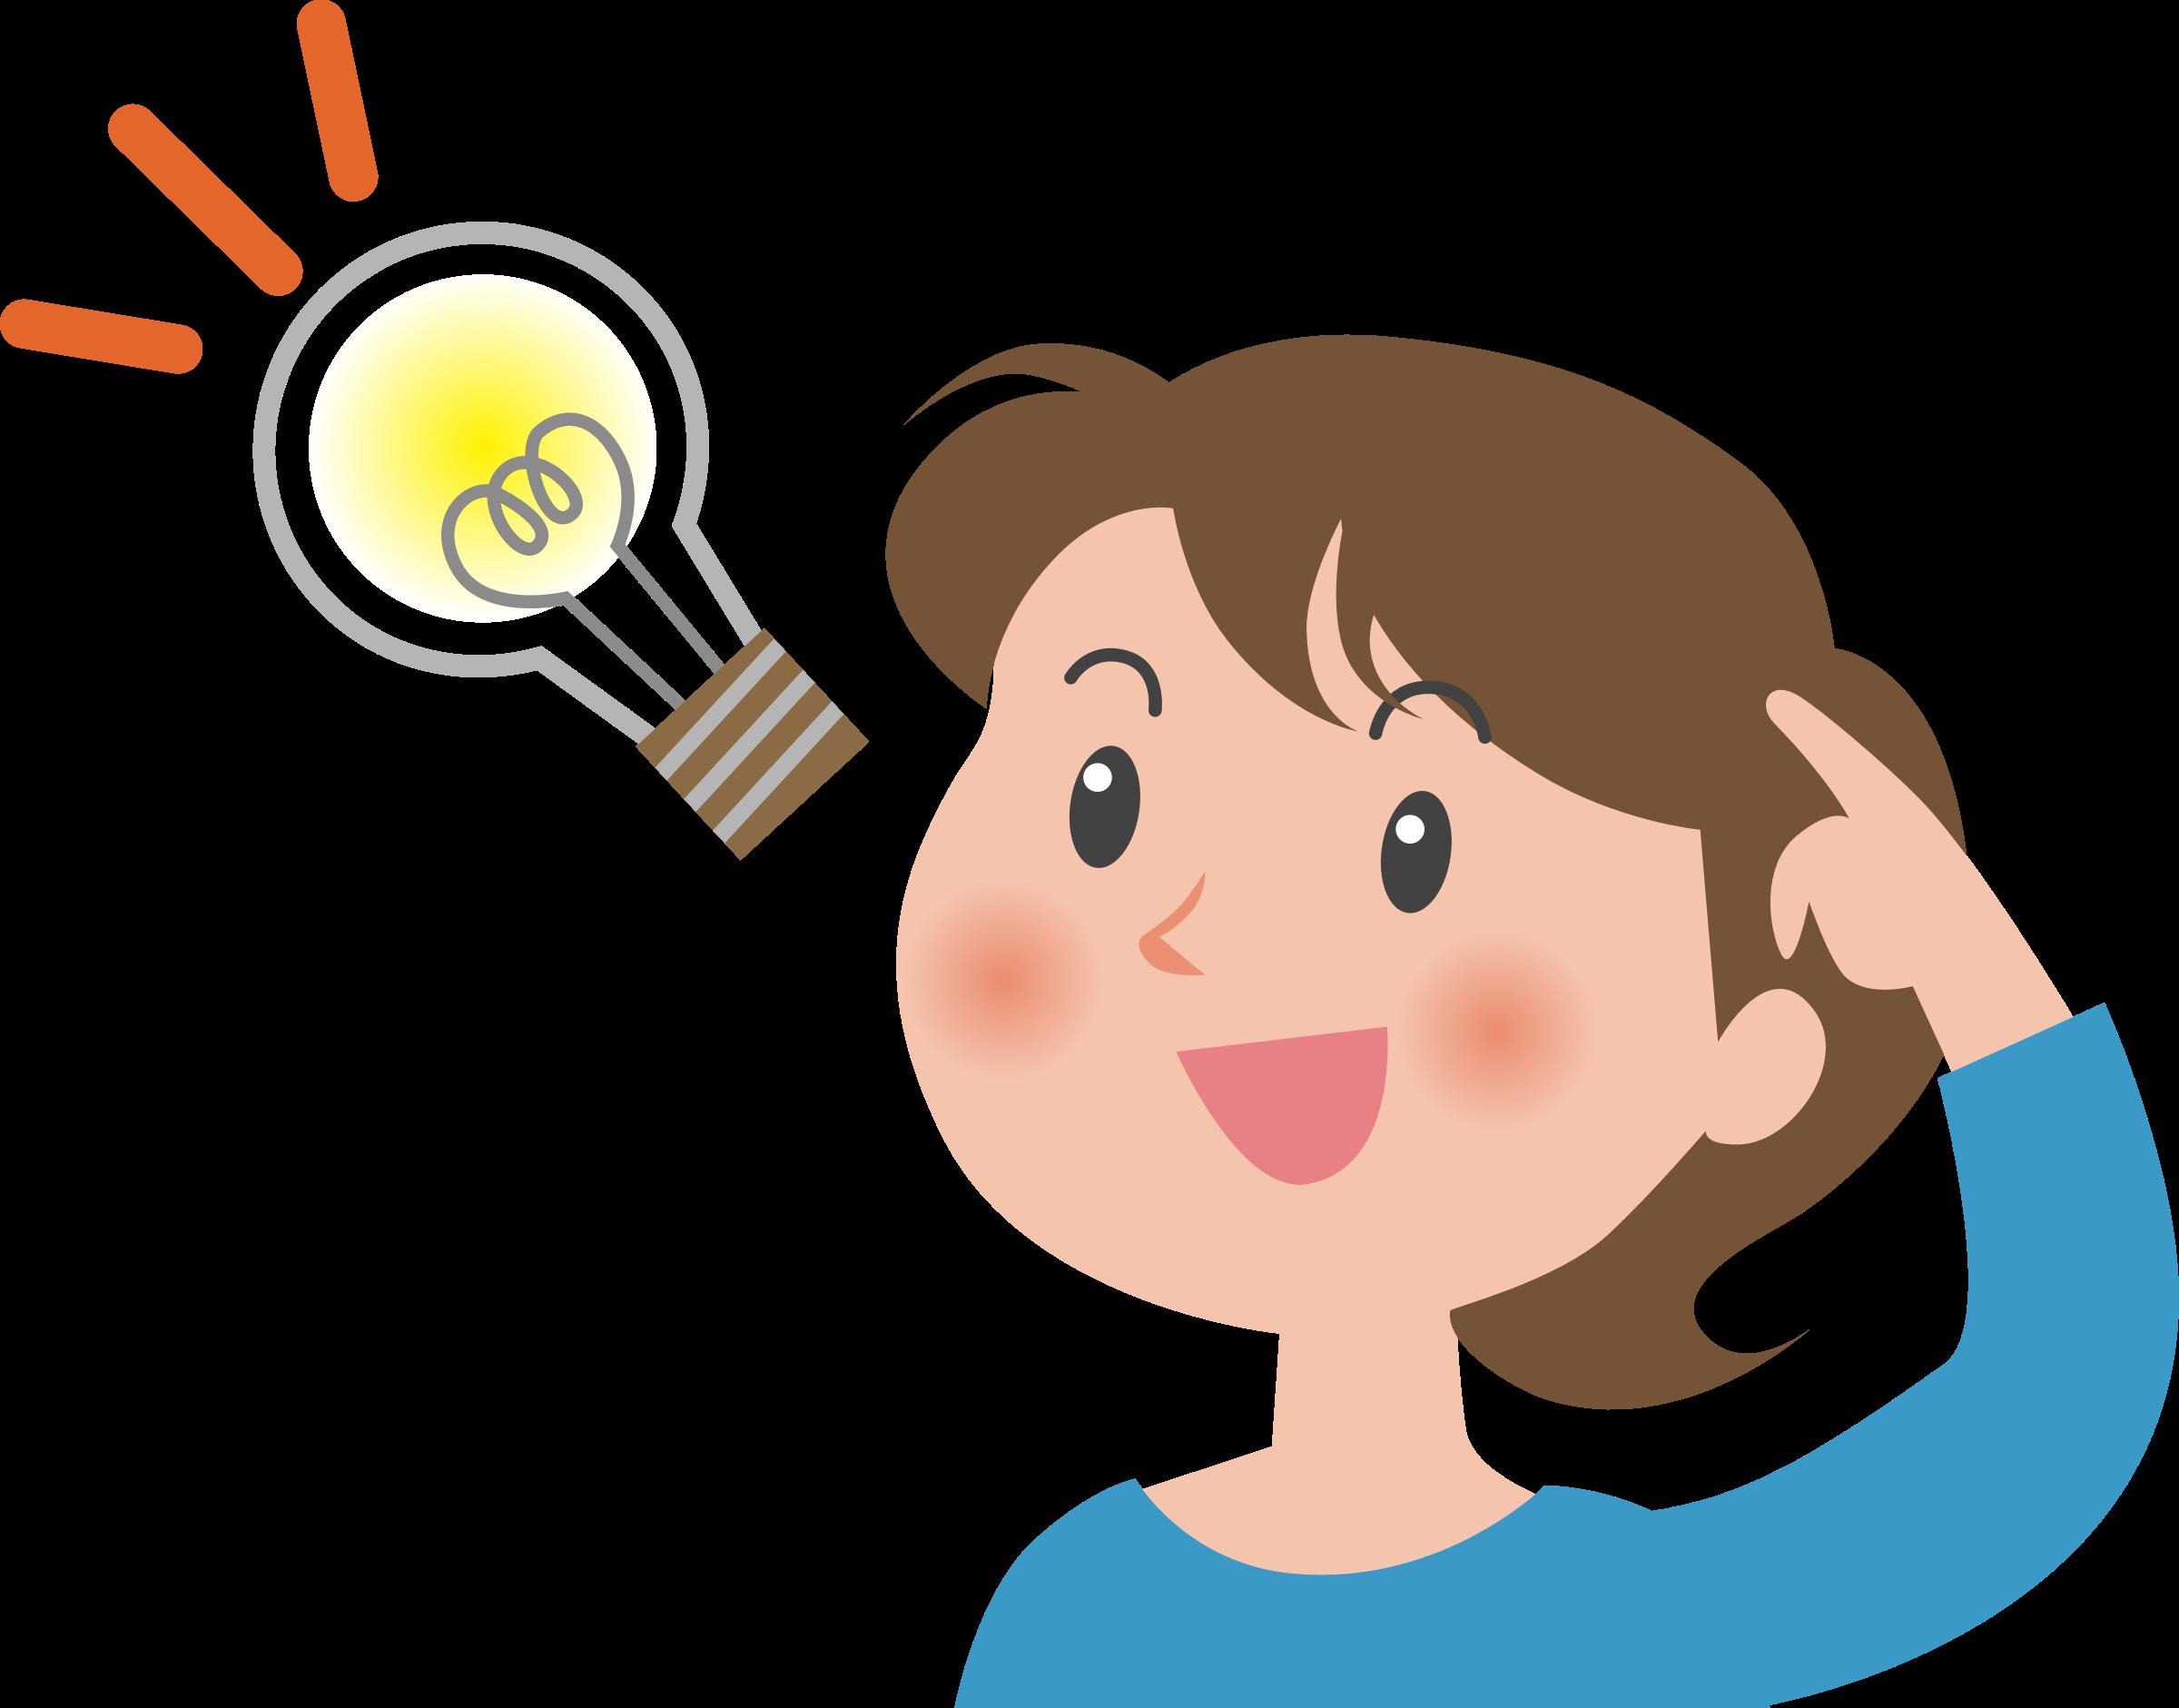 Light bulb clip art cute. Clipart big image png